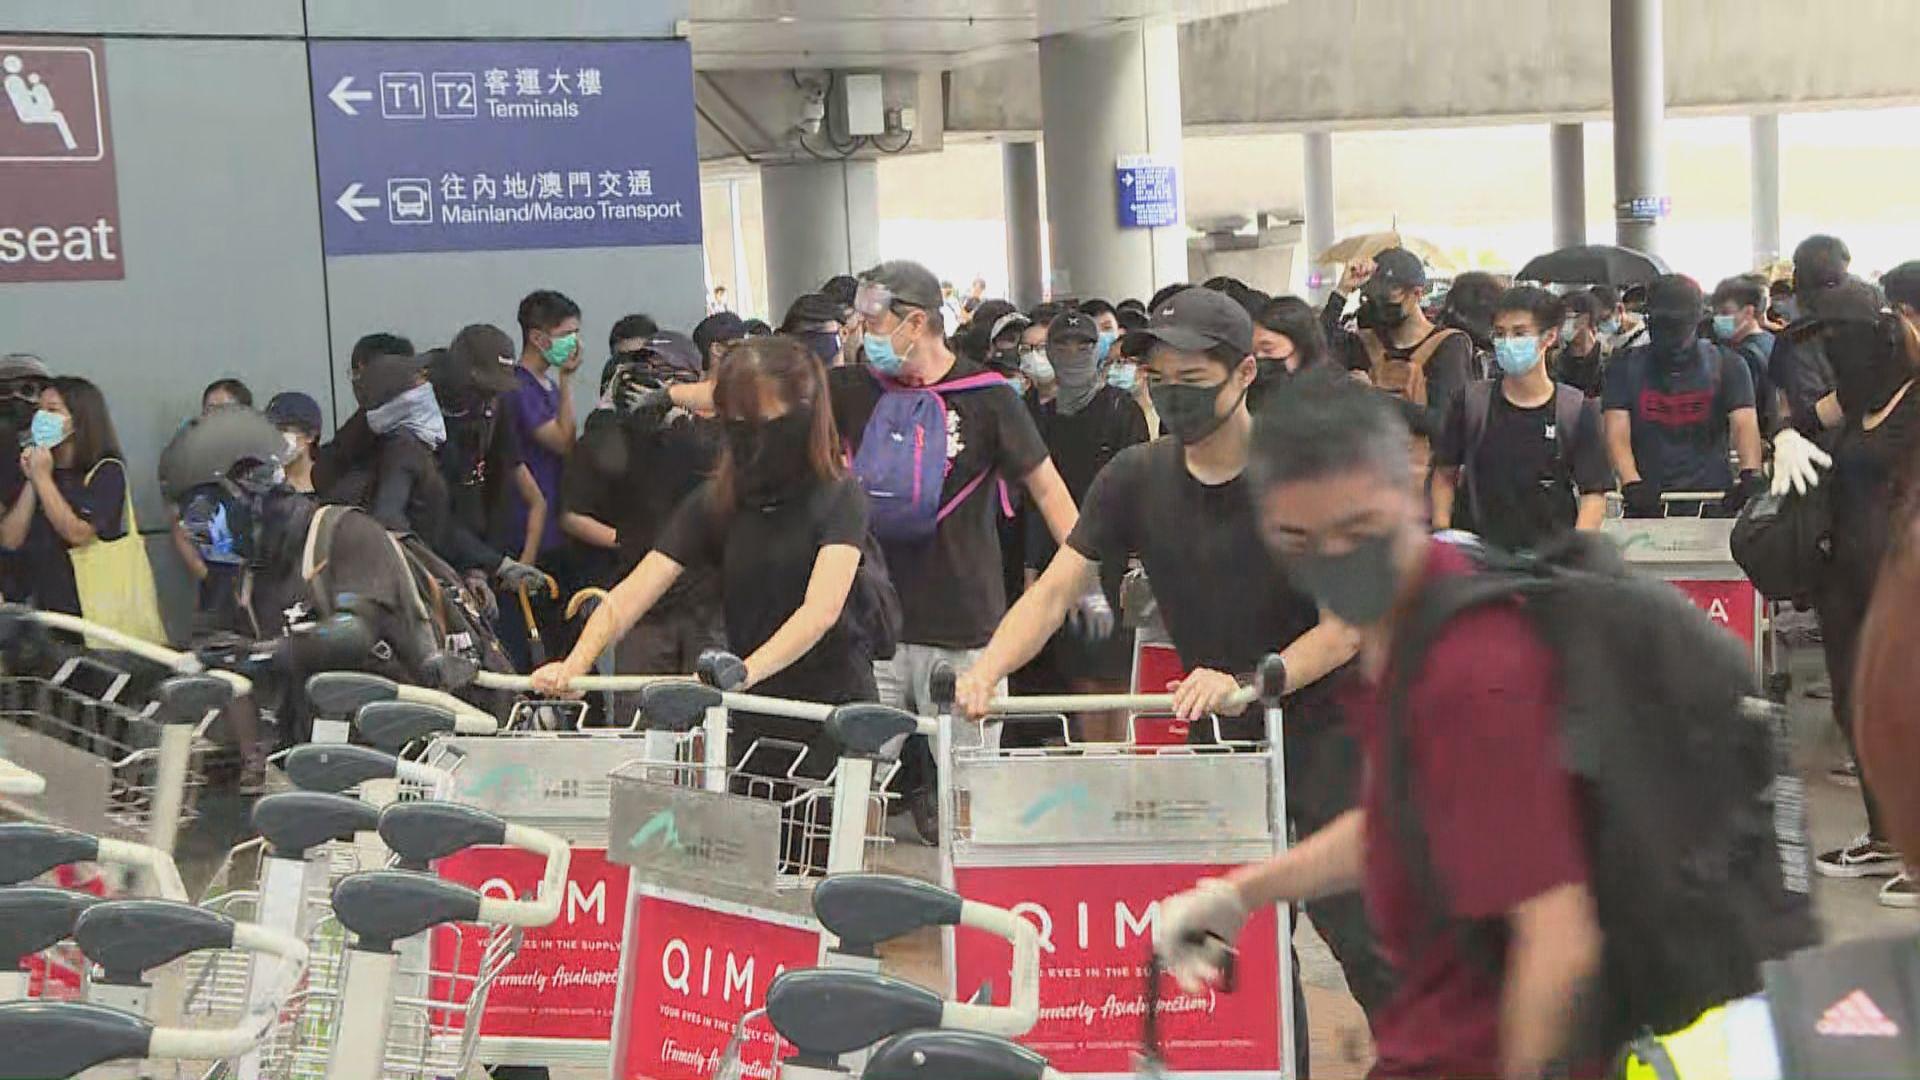 機管局報章發聲明籲示威者勿阻礙旅客